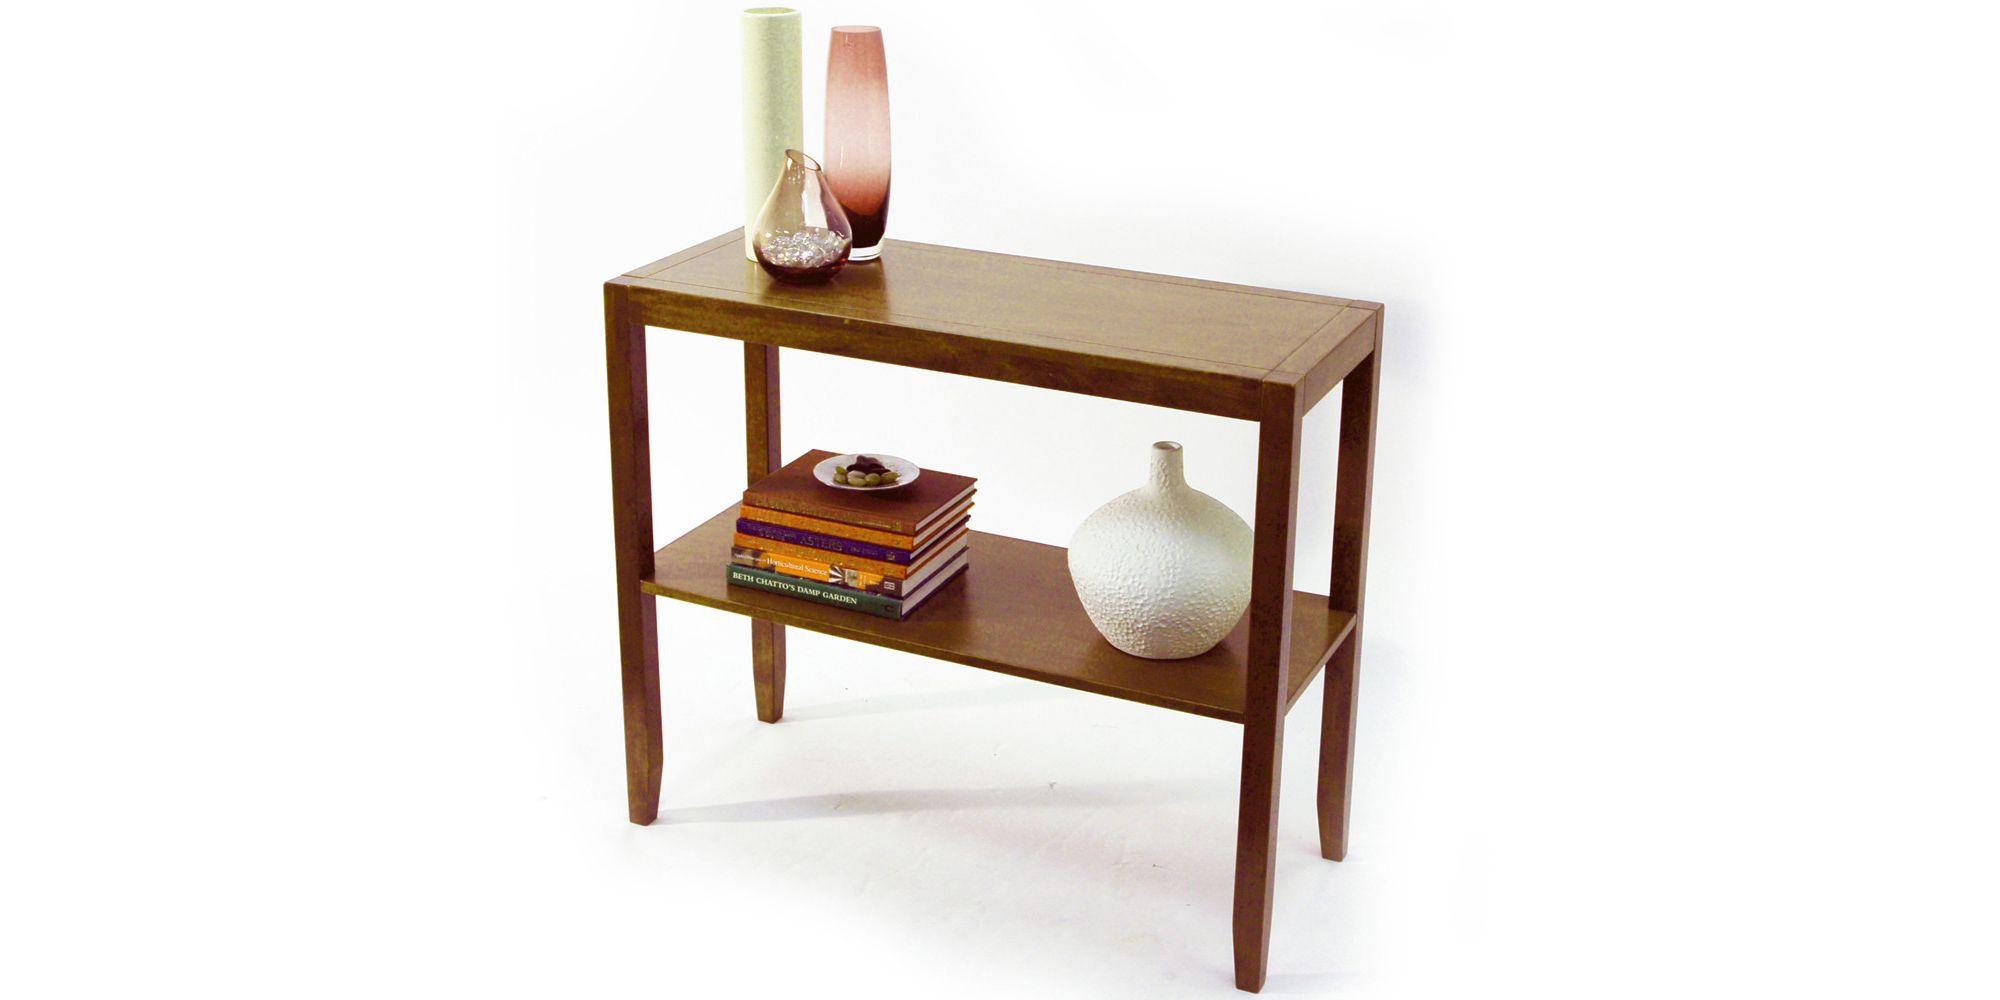 Walnut Console Tables : 509 5228PI1000015MNwid2000amphei2000 from shopwalnutfurniture.co.uk size 2000 x 2000 jpeg 94kB